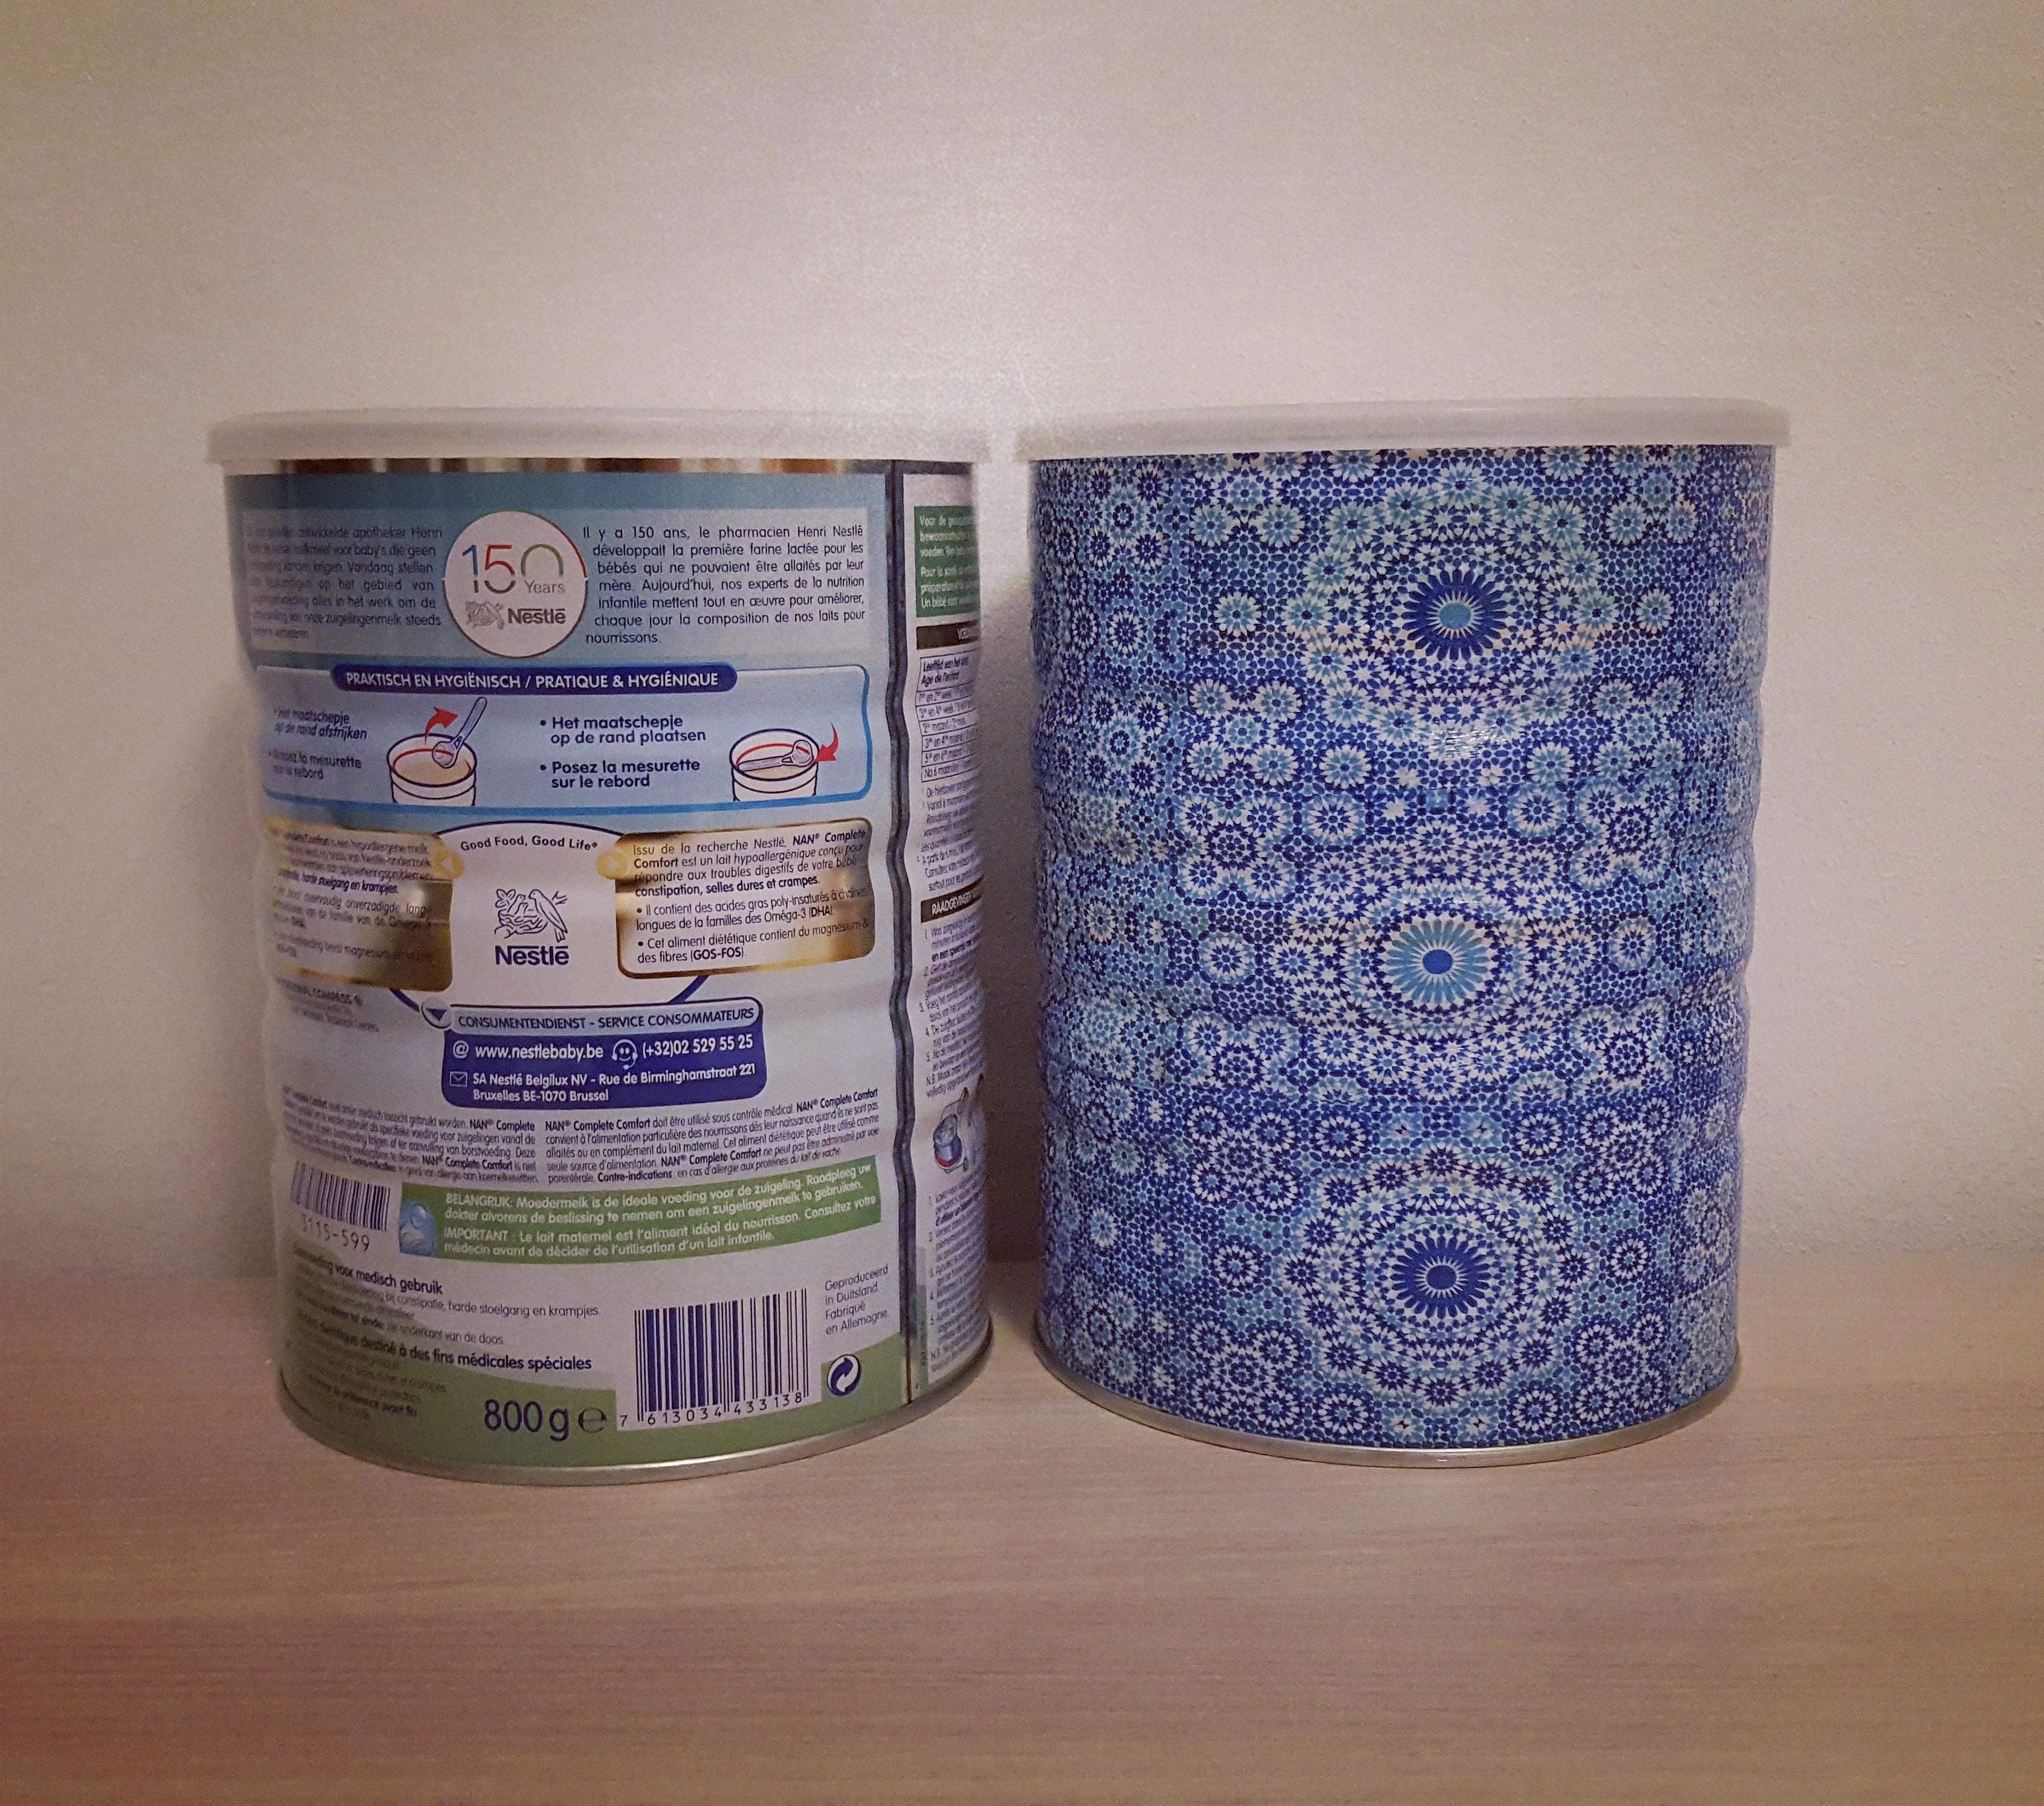 Comment Décorer Des Boites De Conserve mon nouveau joujou créatif: la customisation de boîtes de